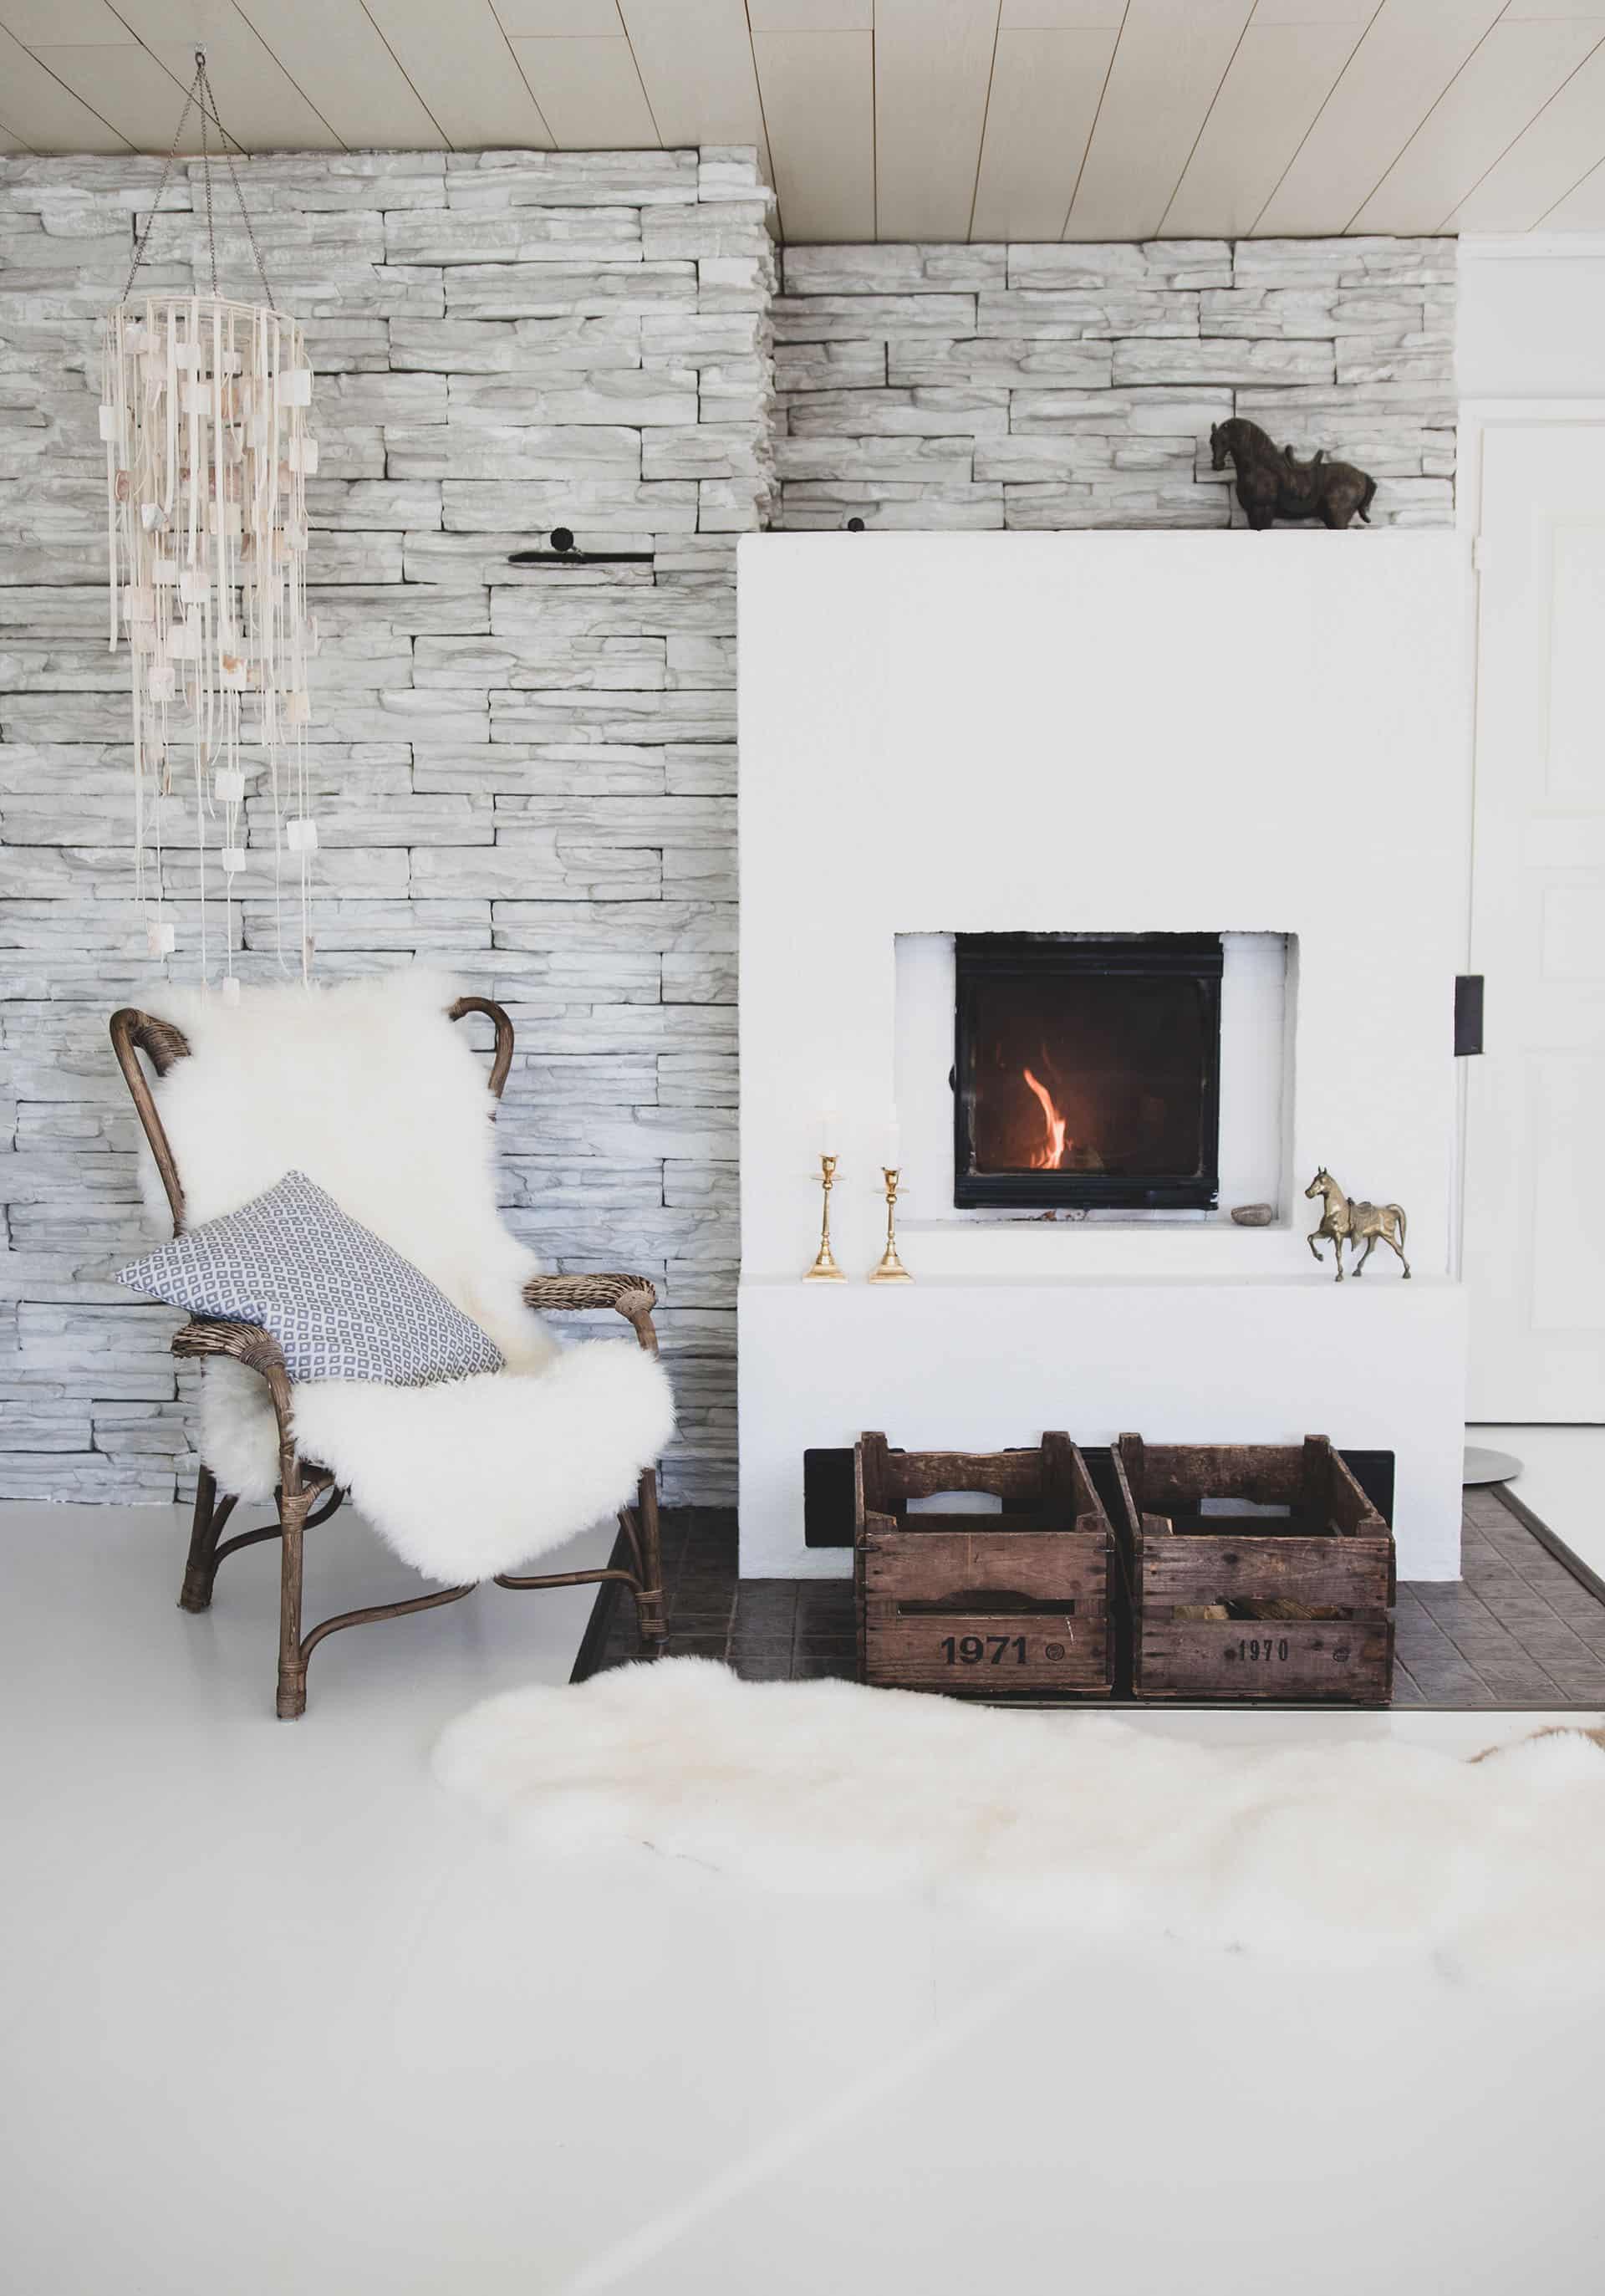 luksus kurvestol til billige penge finder du hos www.sølundhuse.dk